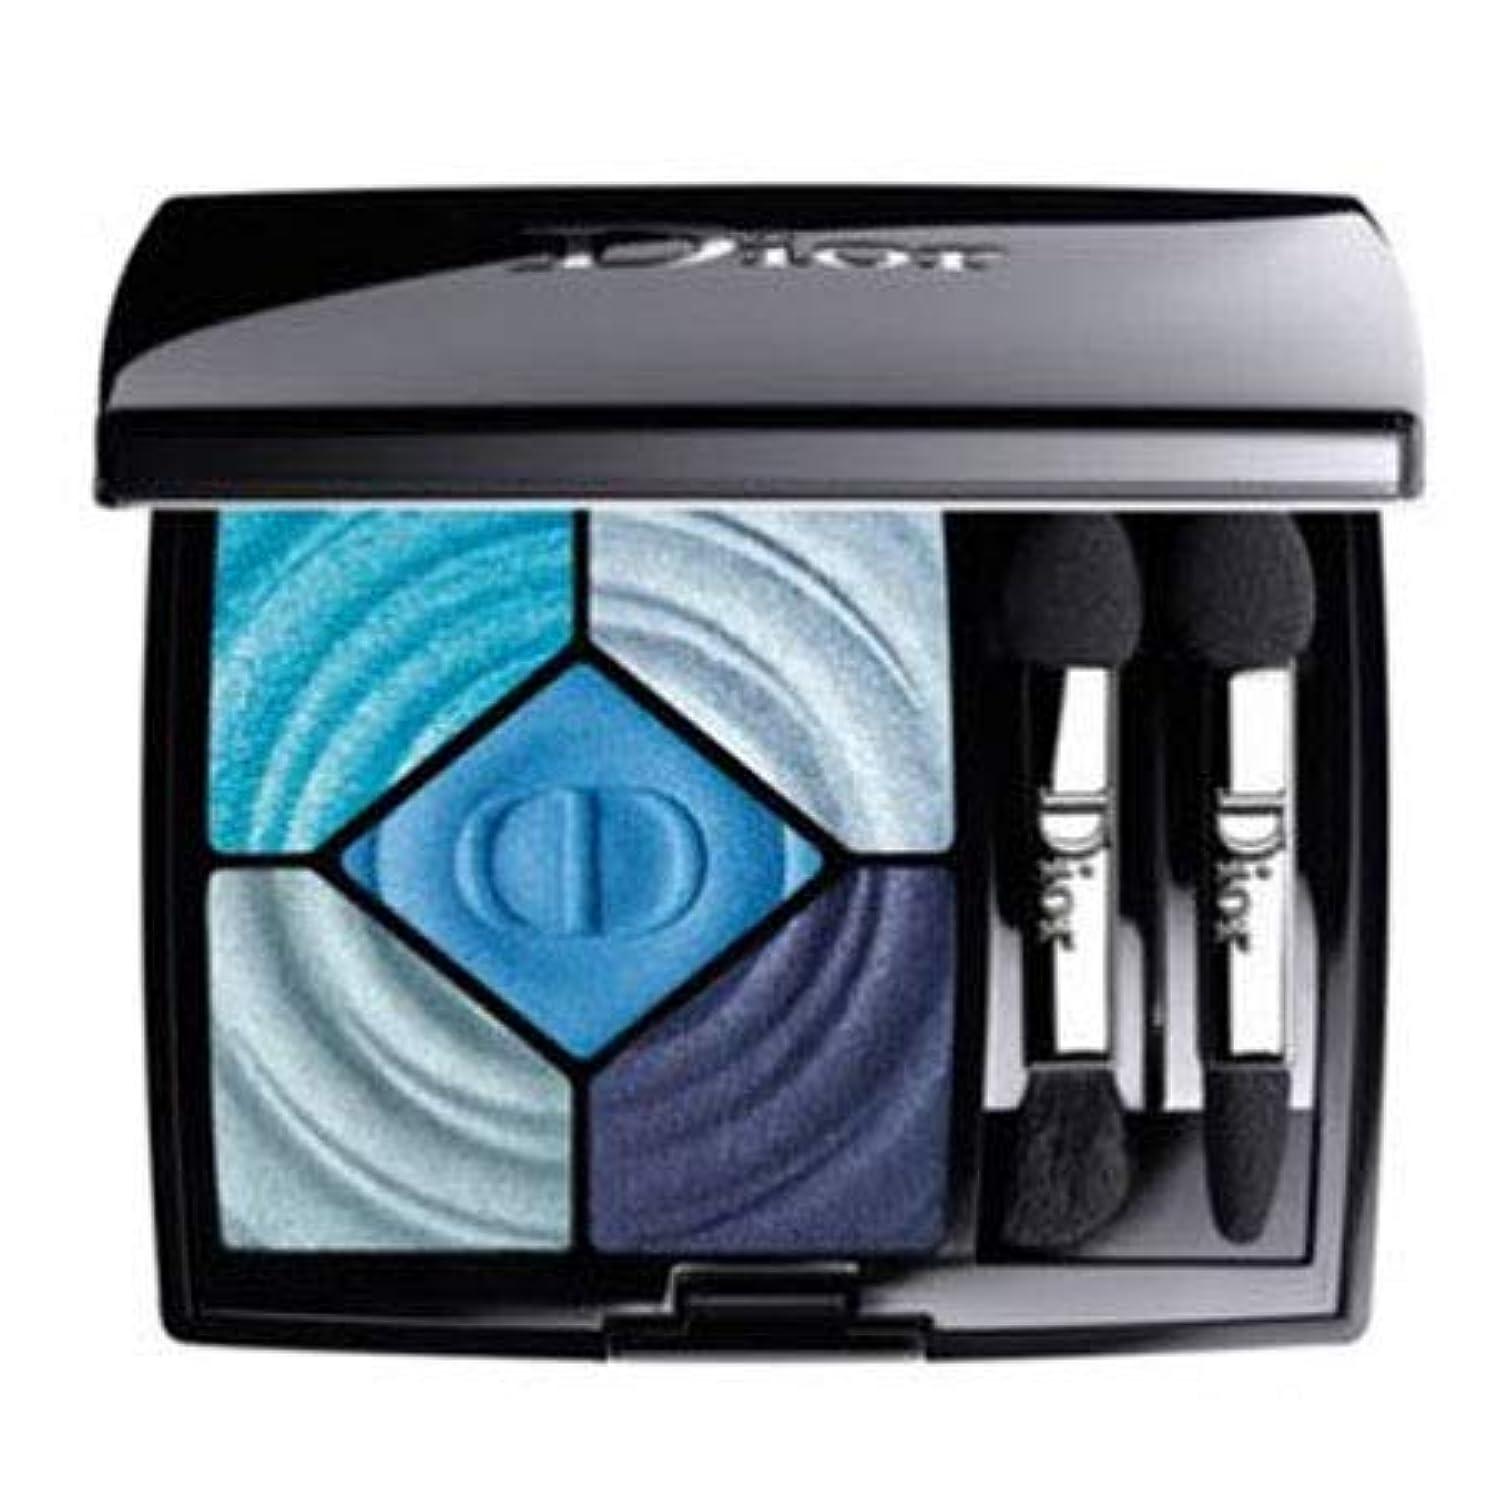 寄り添う約うまくいけばディオール サンク クルール 限定色 #367 クール ダウン -Dior- 【並行輸入品】